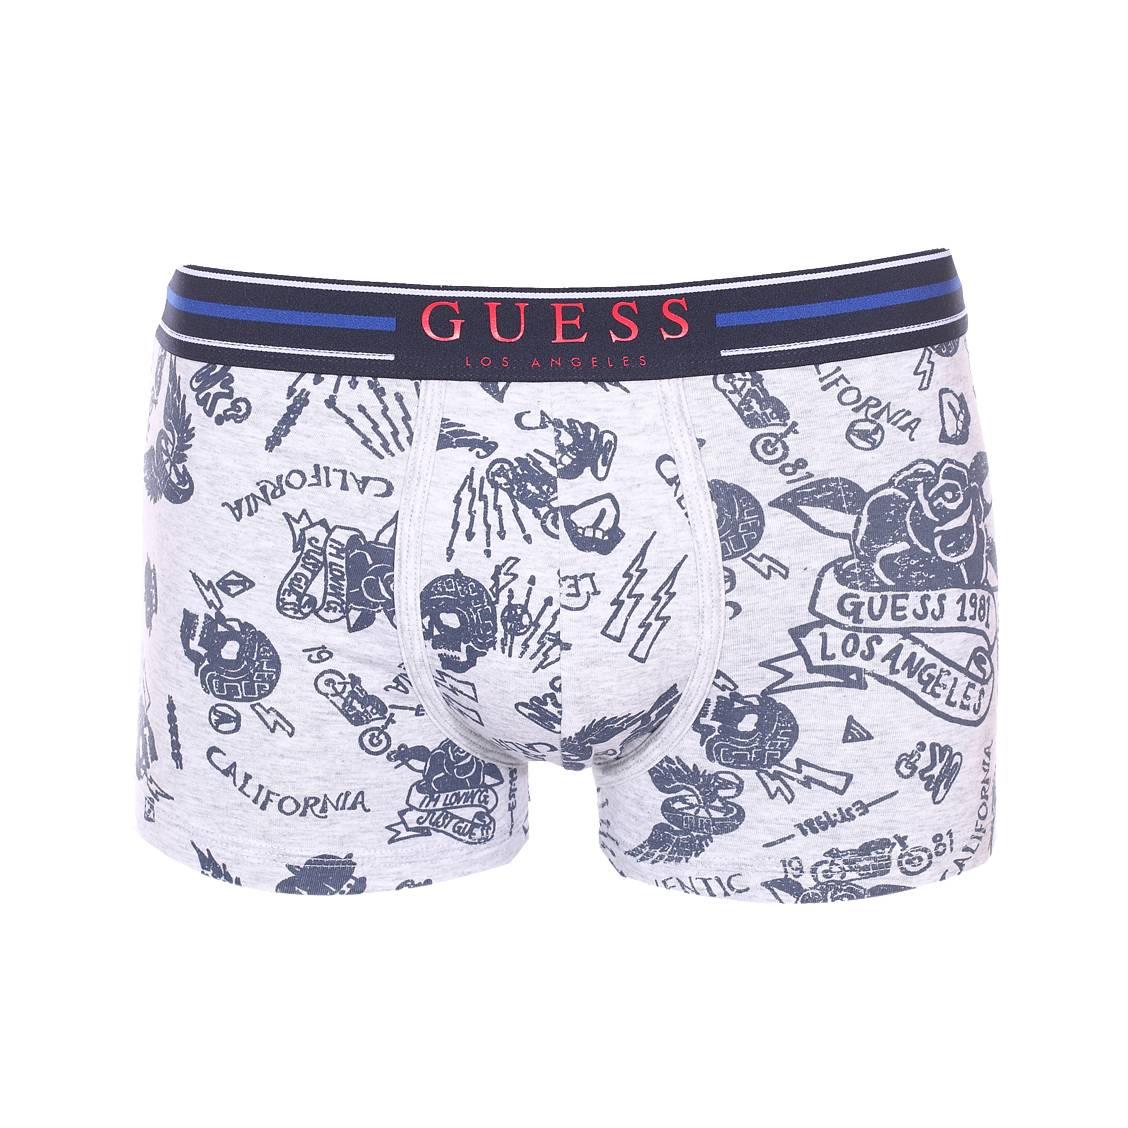 Boxer guess en coton stretch gris chiné à imprimé fantaisie bleu marine